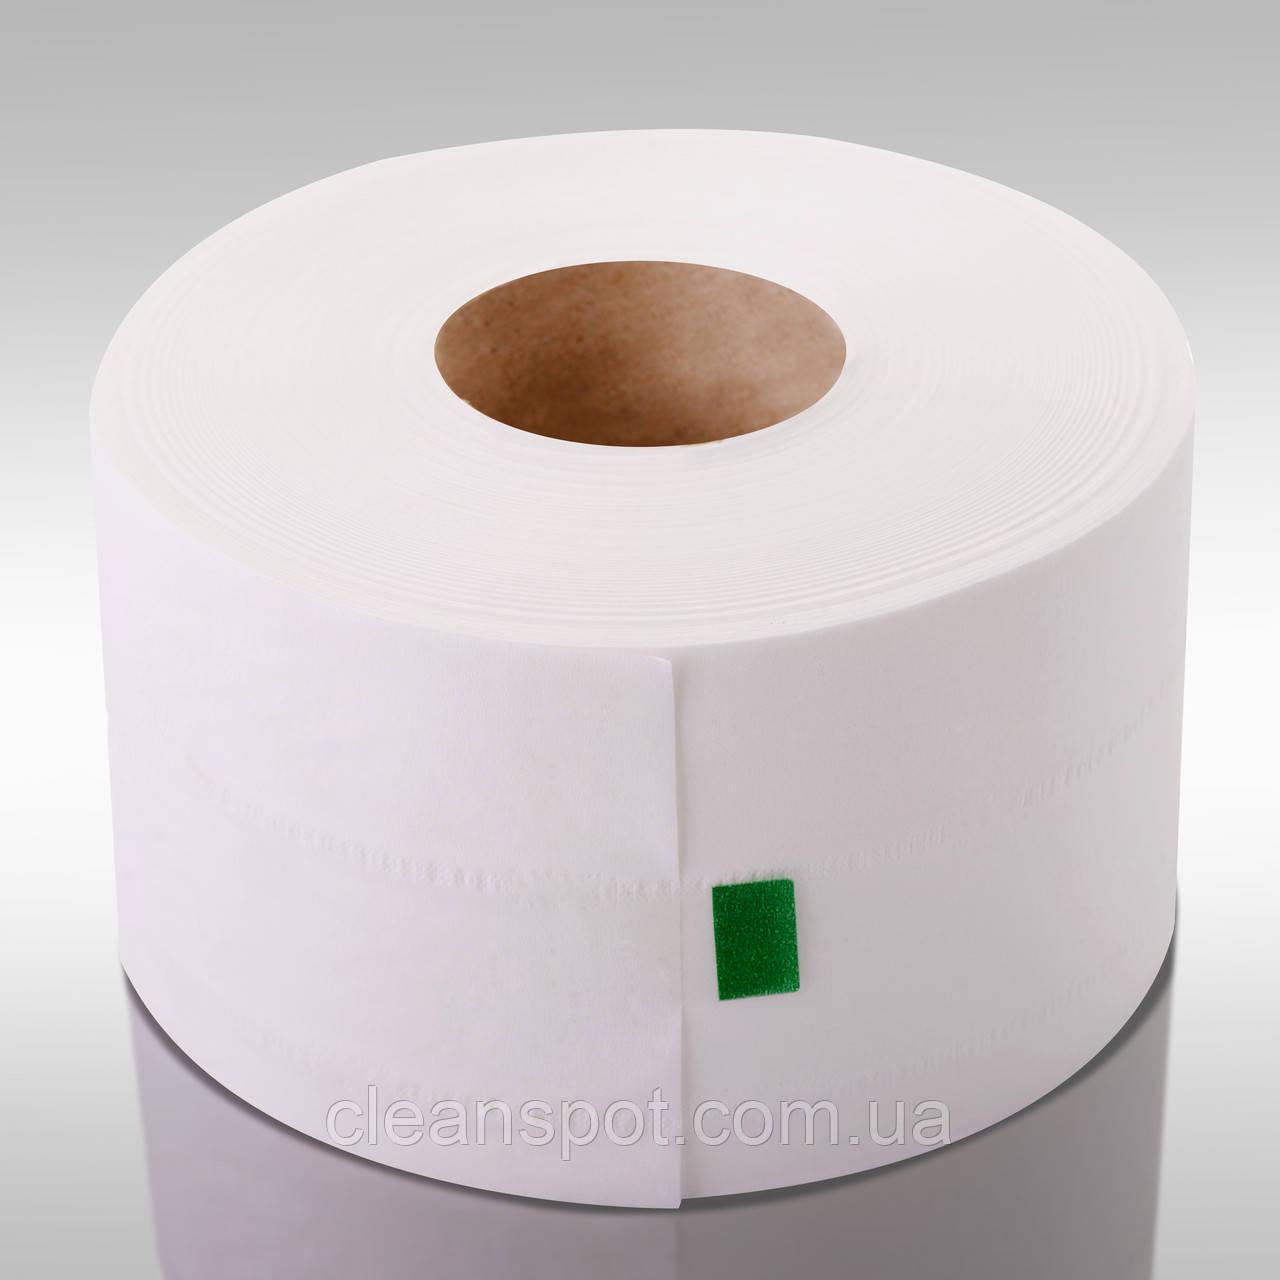 Туалетная бумага джамбо белая 2-шар 150 м Eco Point Clean гладкая